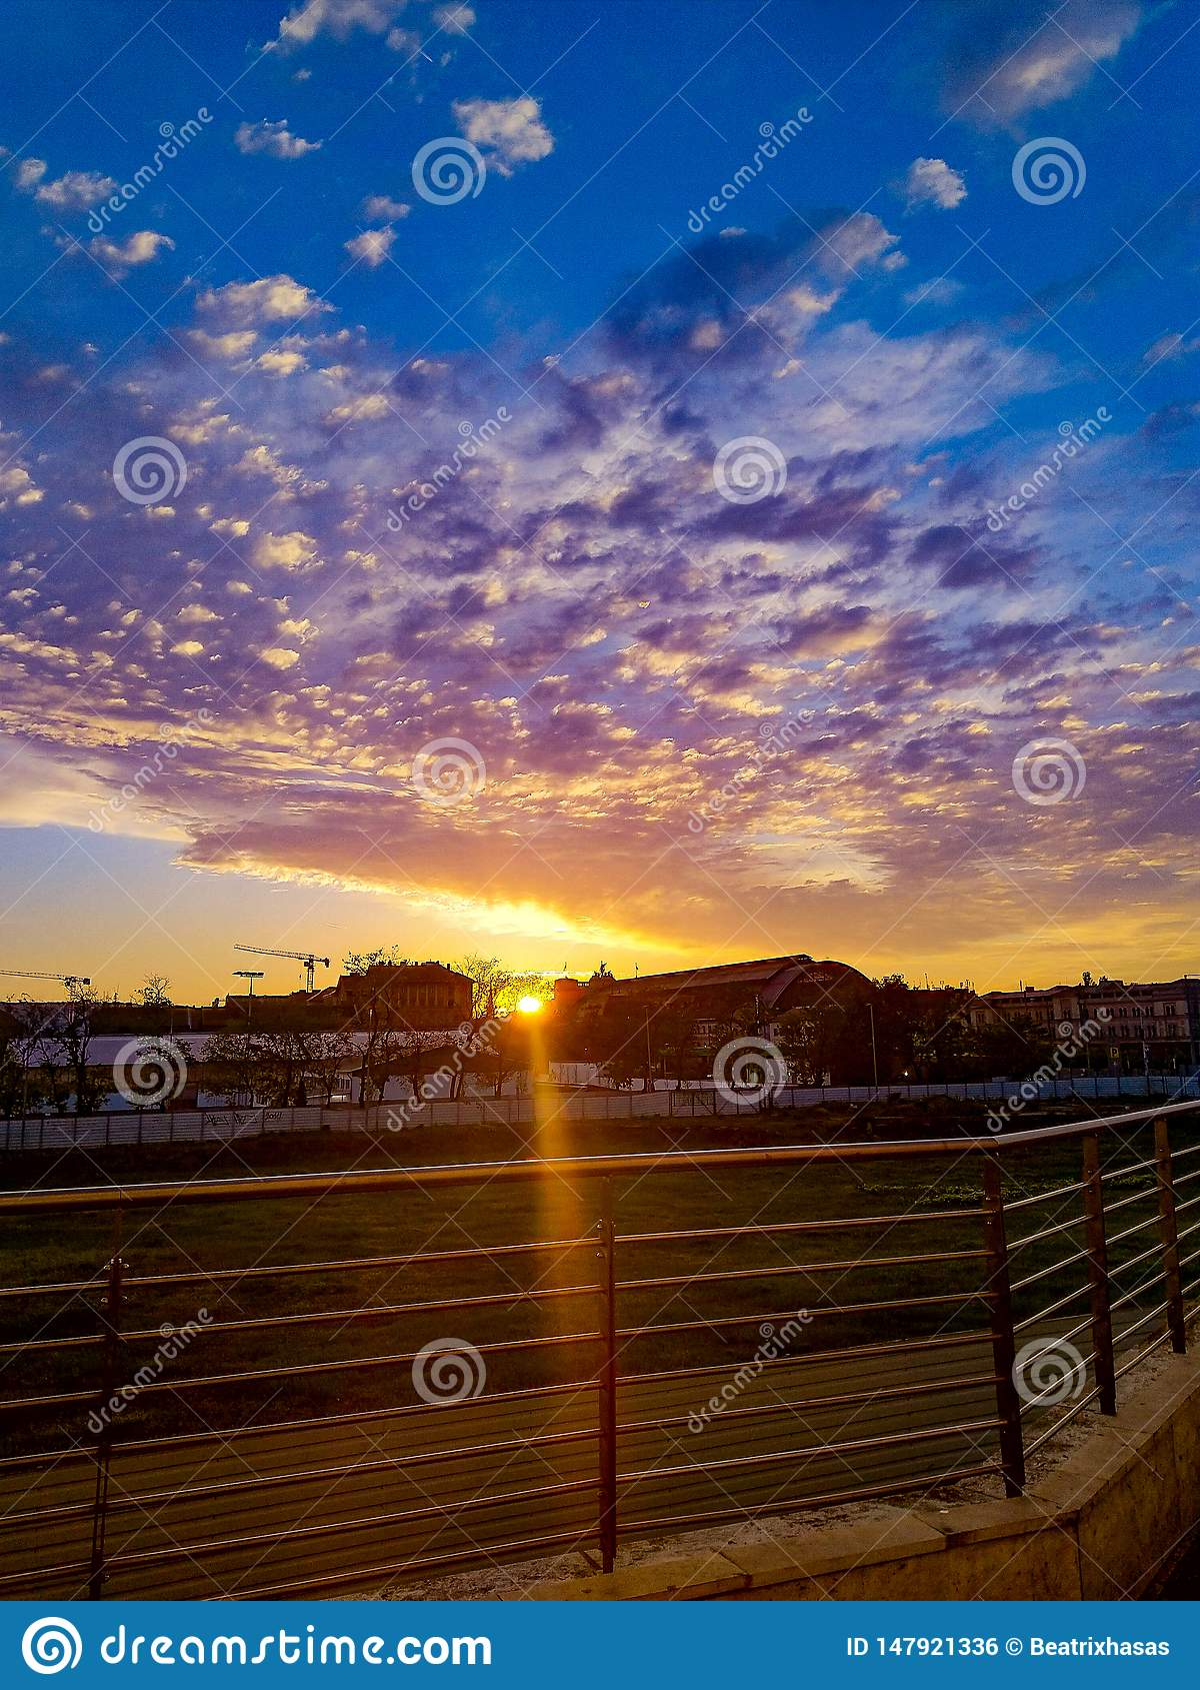 Appena un tramonto stupefacente in un giorno normale